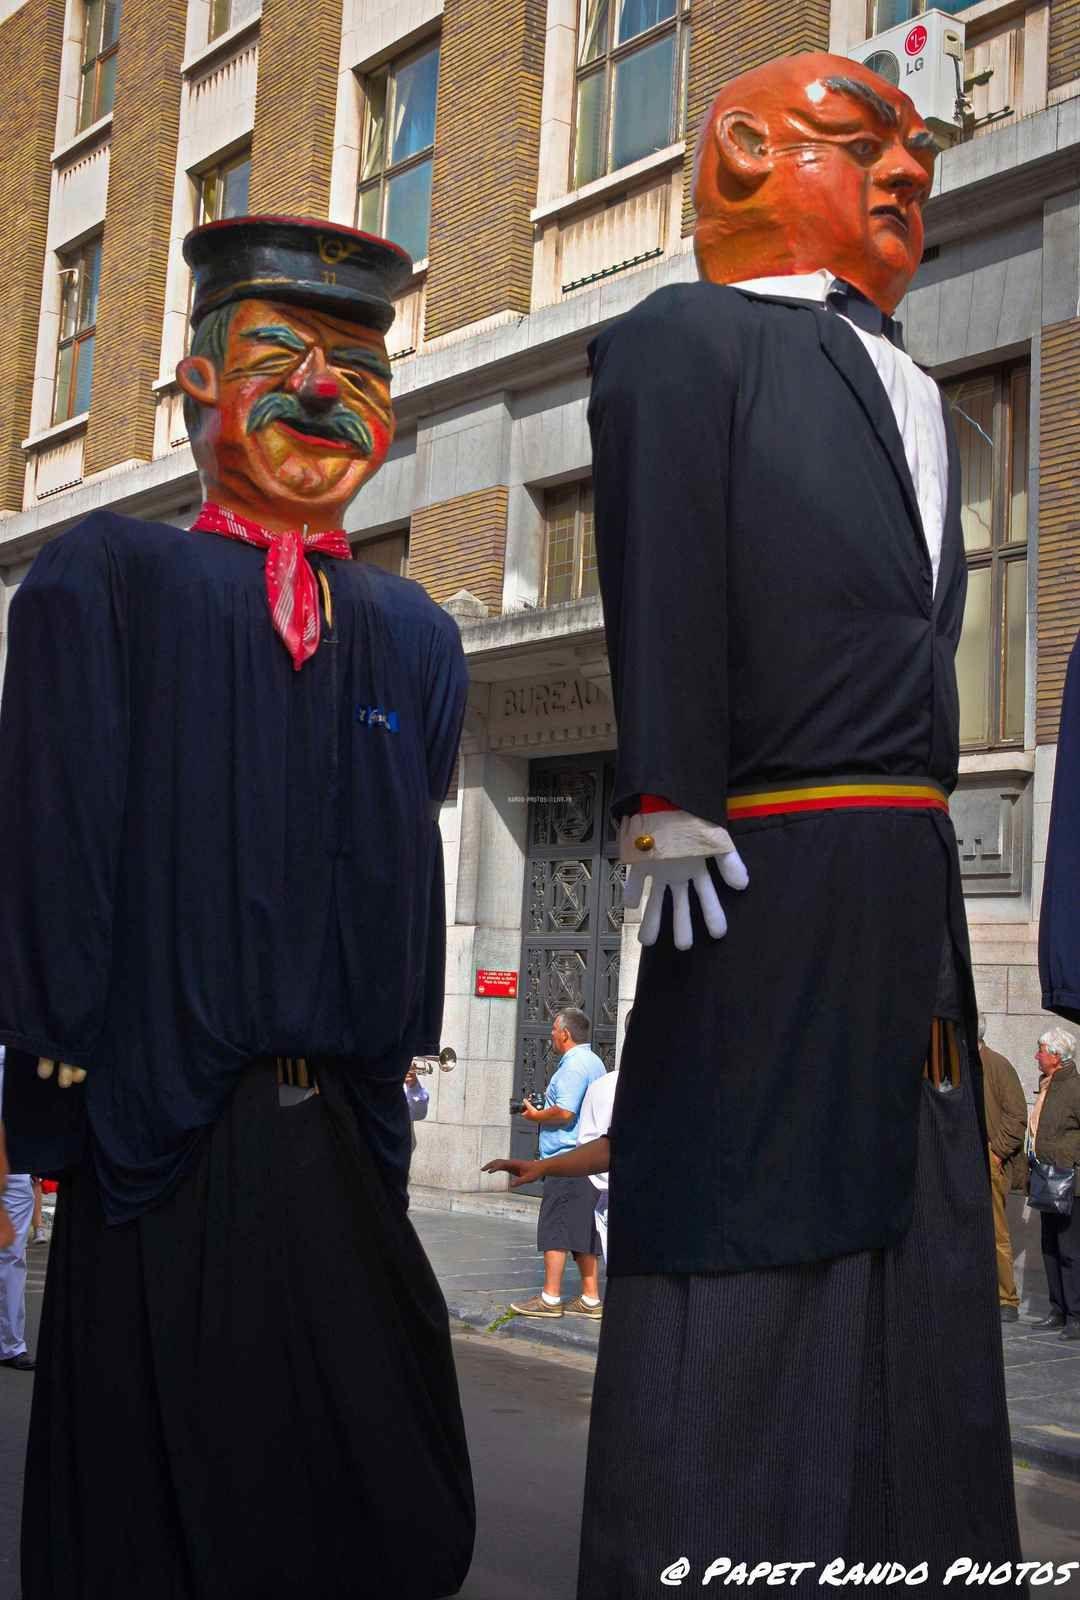 Dans le cadre des 350 ans de Charleroi (ma Ville ne a Charleroi le 3 septembre même jour que  Charleroi) les 60 ans de Mariage de nos Géants ( avec la participations de Géants de Ath, Mons, Bruxelles, etc etc ) VIVE LA WALLONIE